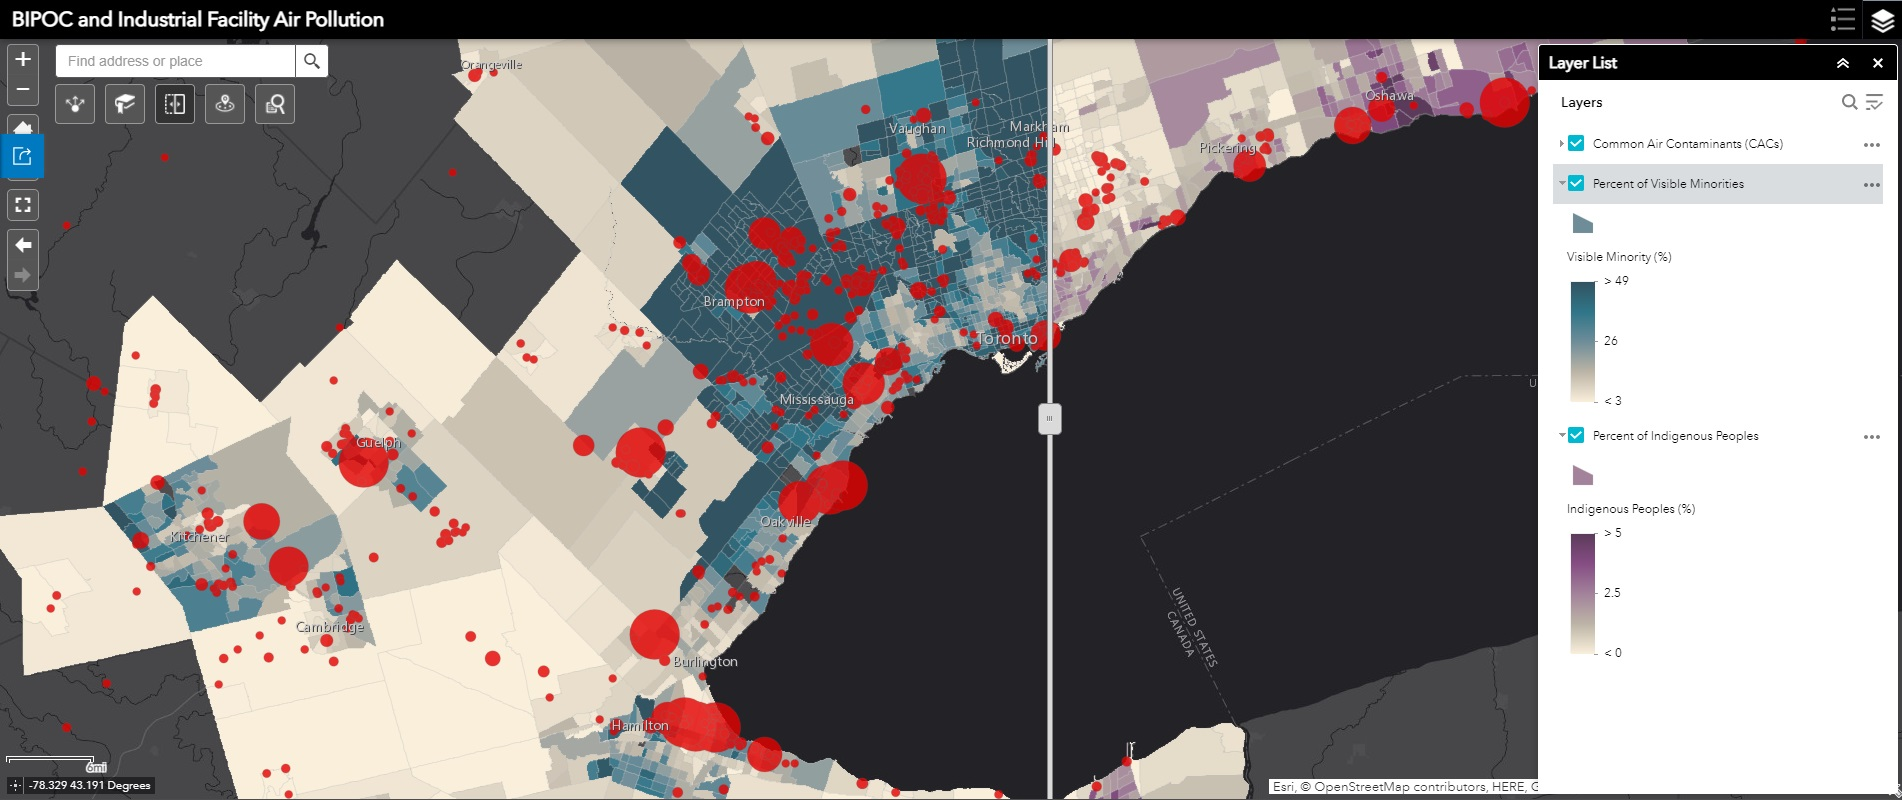 Application Web AppBuilder montrant la région du Grand Toronto et de Hamilton, les emplacements des sources de pollution atmosphérique, et l'outil de balayage permettant de basculer entre les couches des minorités visibles et des populations autochtones.